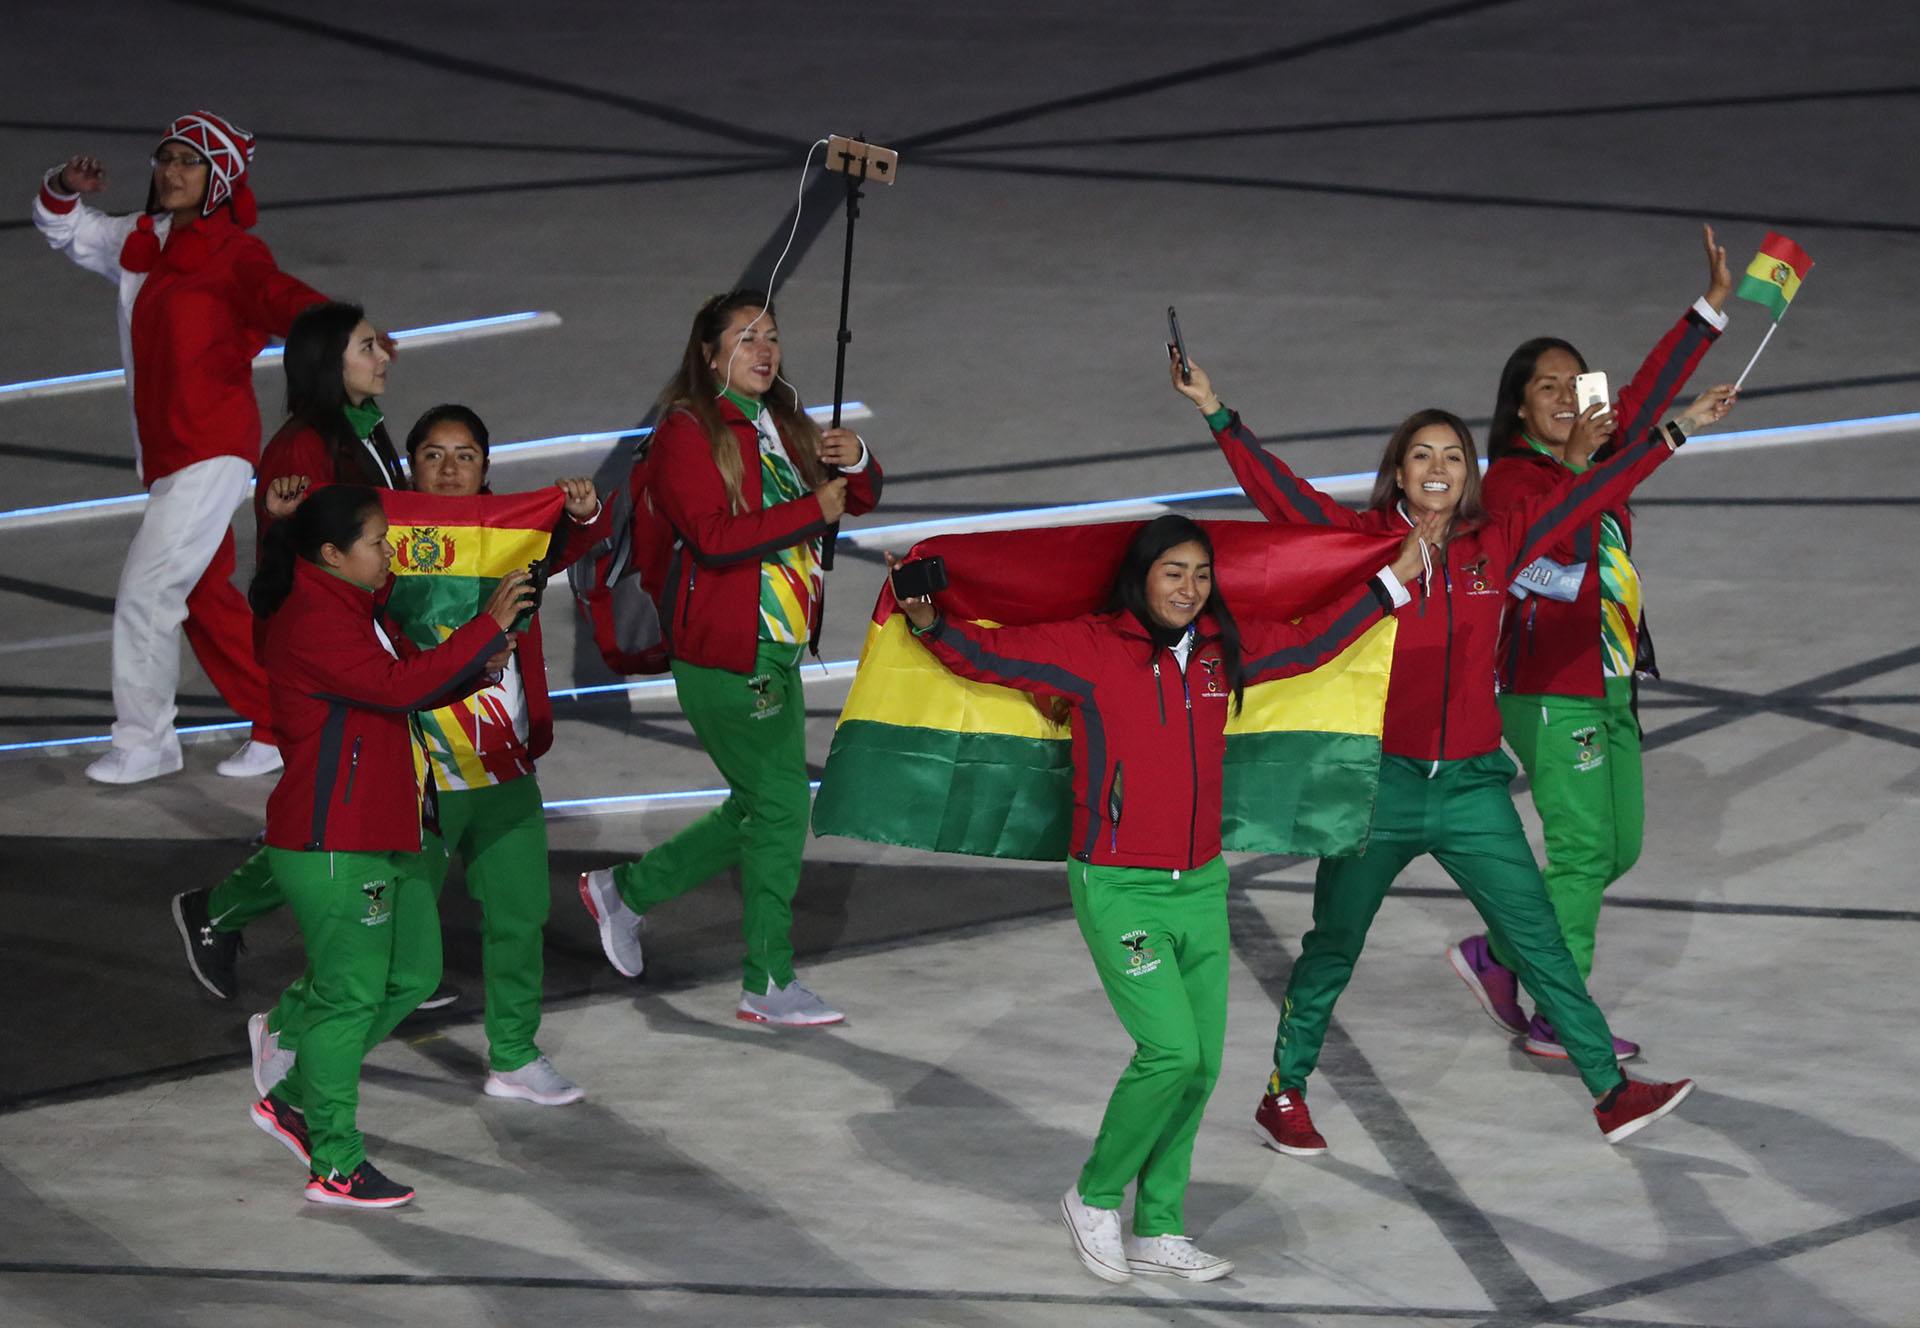 La delegación de bolivia ingresando al estadio Nacional de Lima en la ceremonia de apertura (REUTERS/Sergio Moraes)